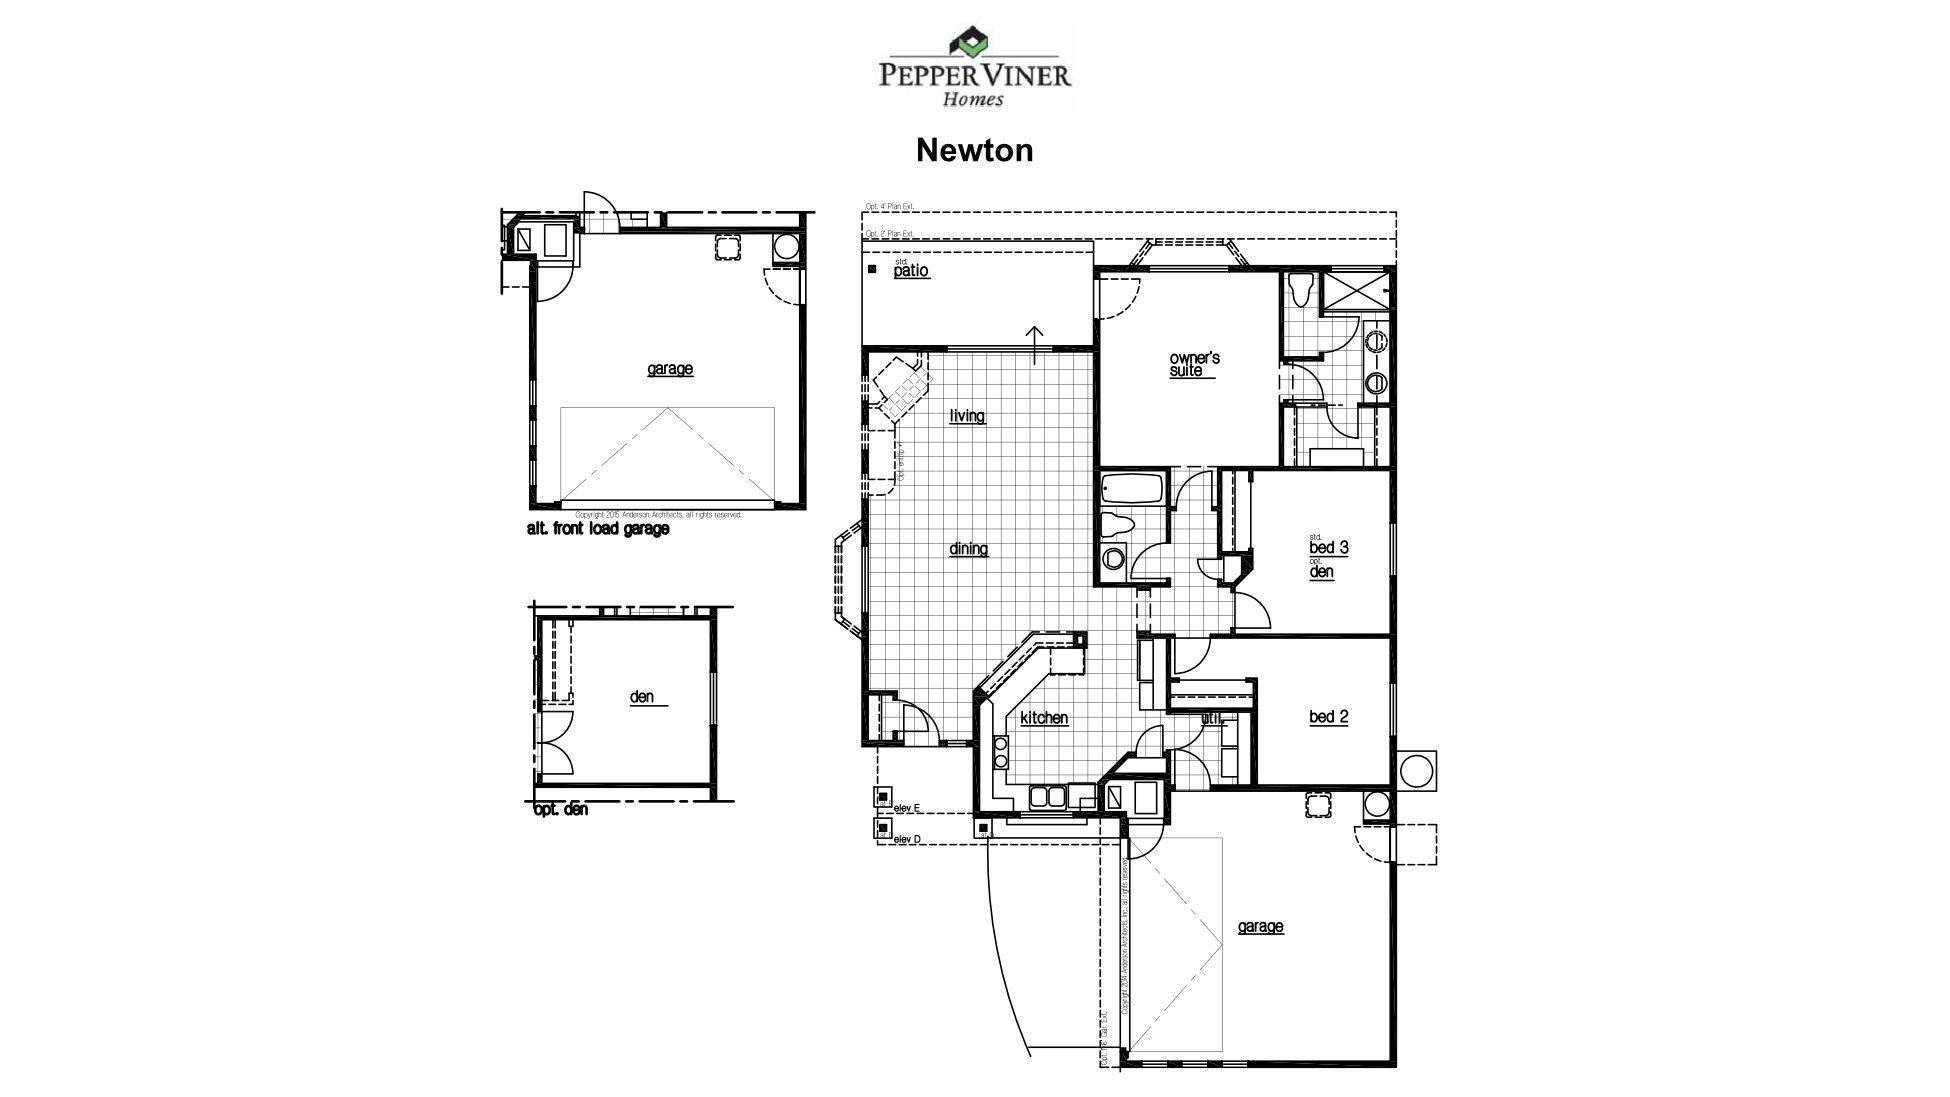 Elementary place floor plans pepper viner homes for House plans tucson